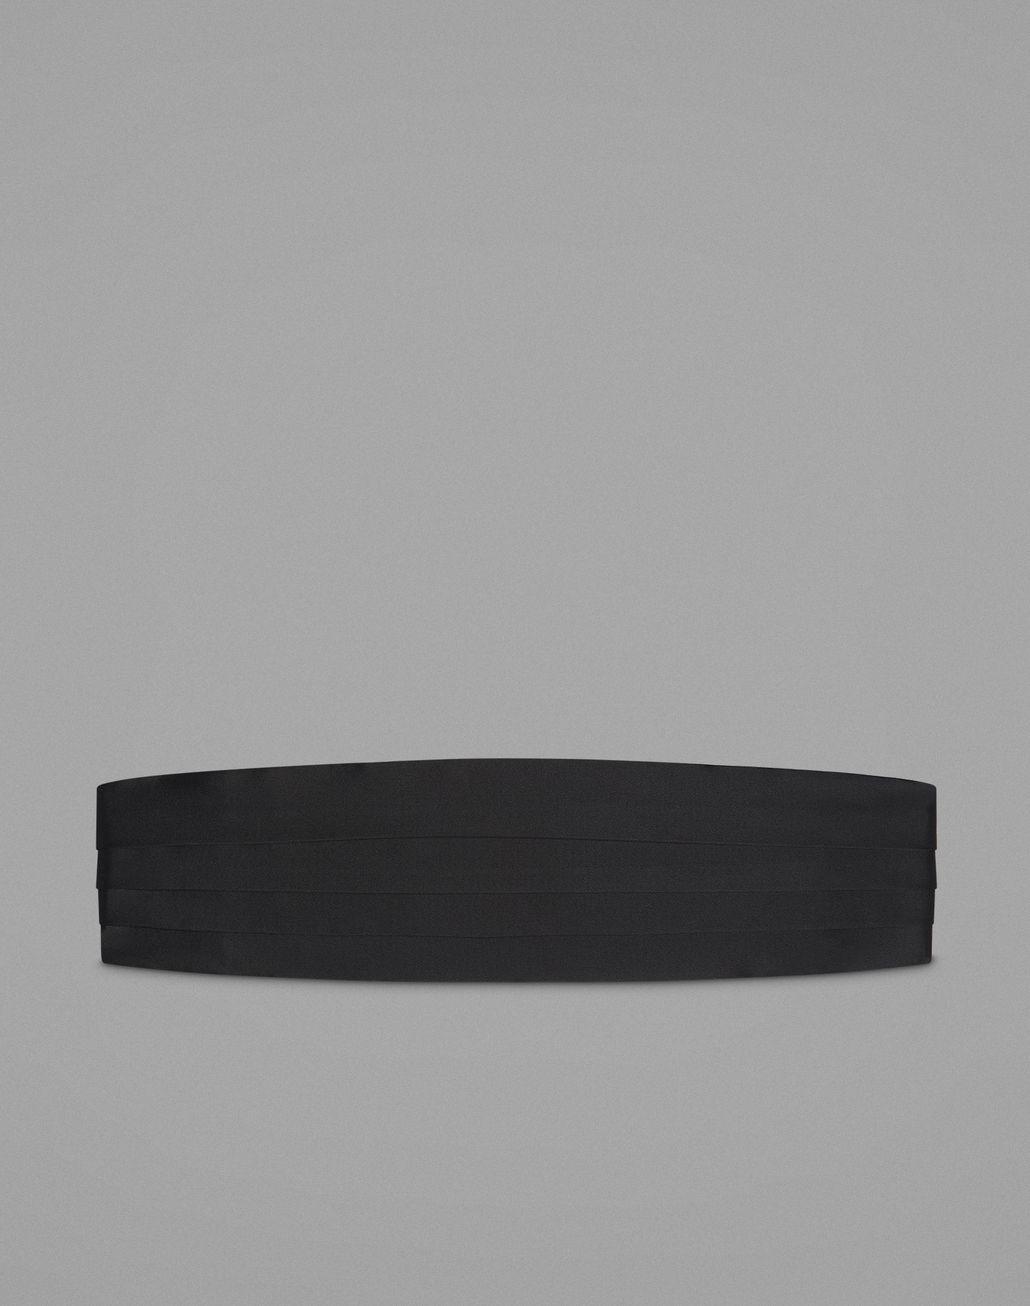 bf92b5848a42 BRIONI Ceinture de smoking noire en soie à quatre plis Autres accessoires